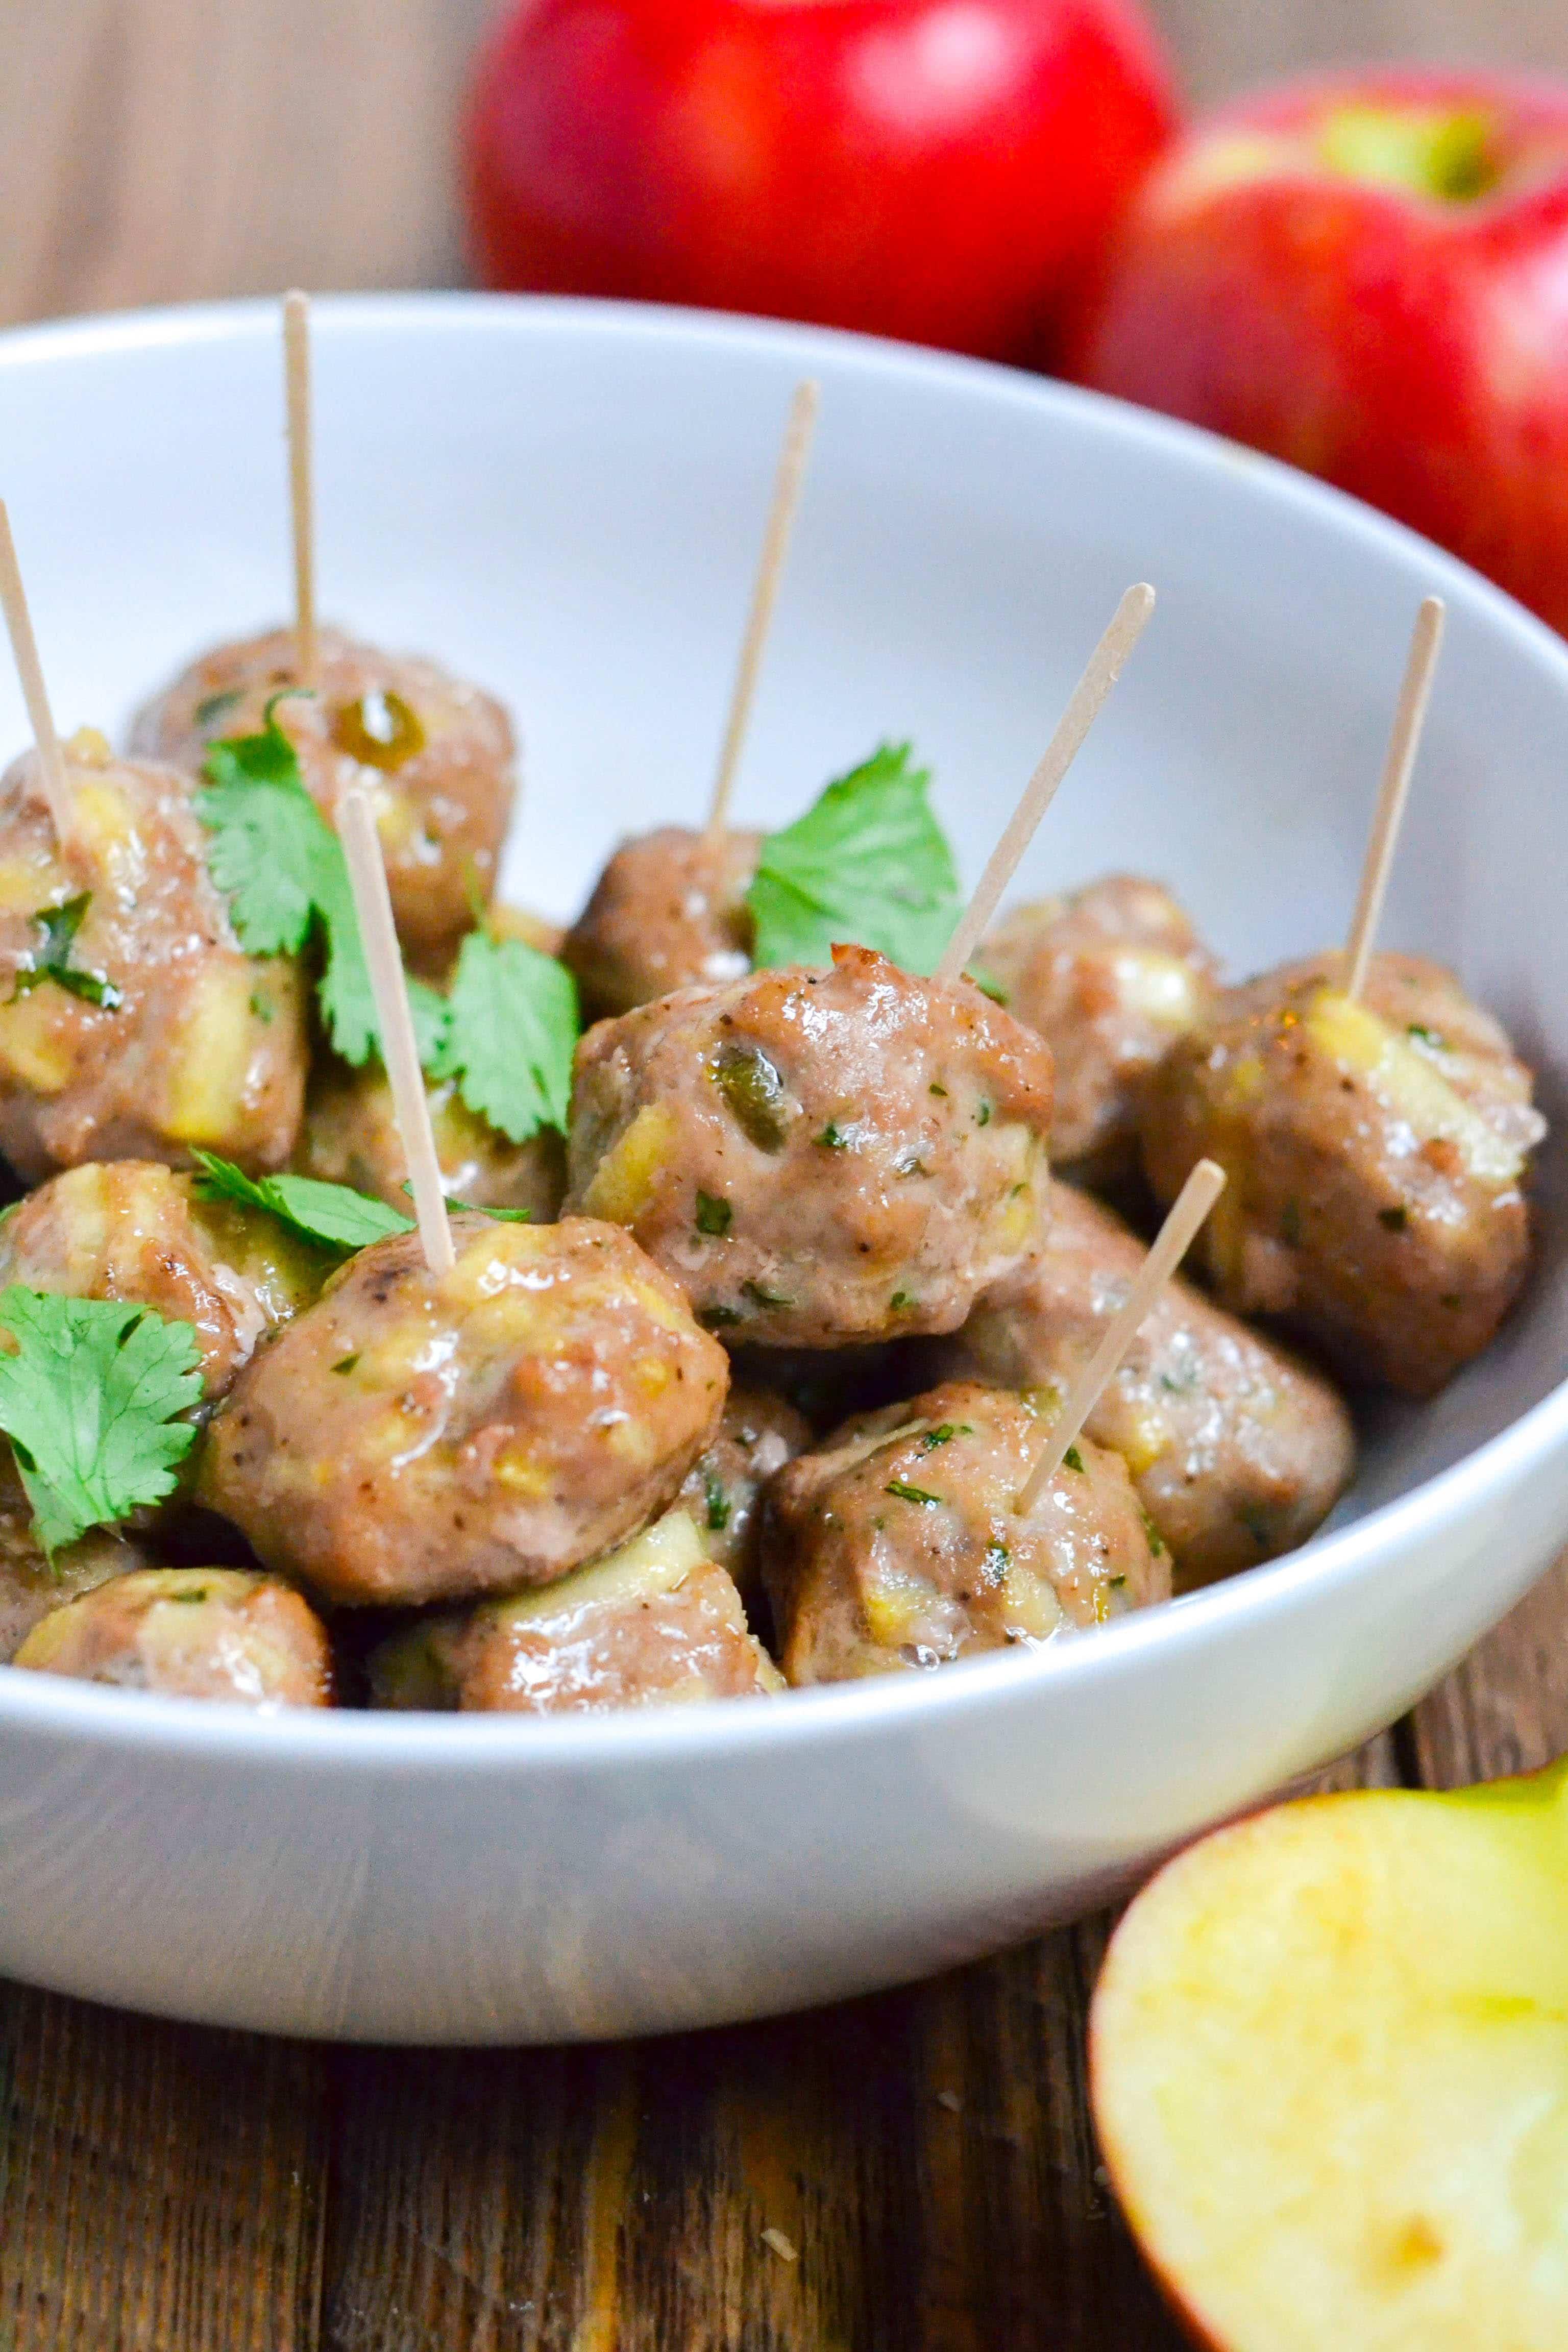 Apple Jalapeño Meatball (GF, DF) - A Dash of Megnut